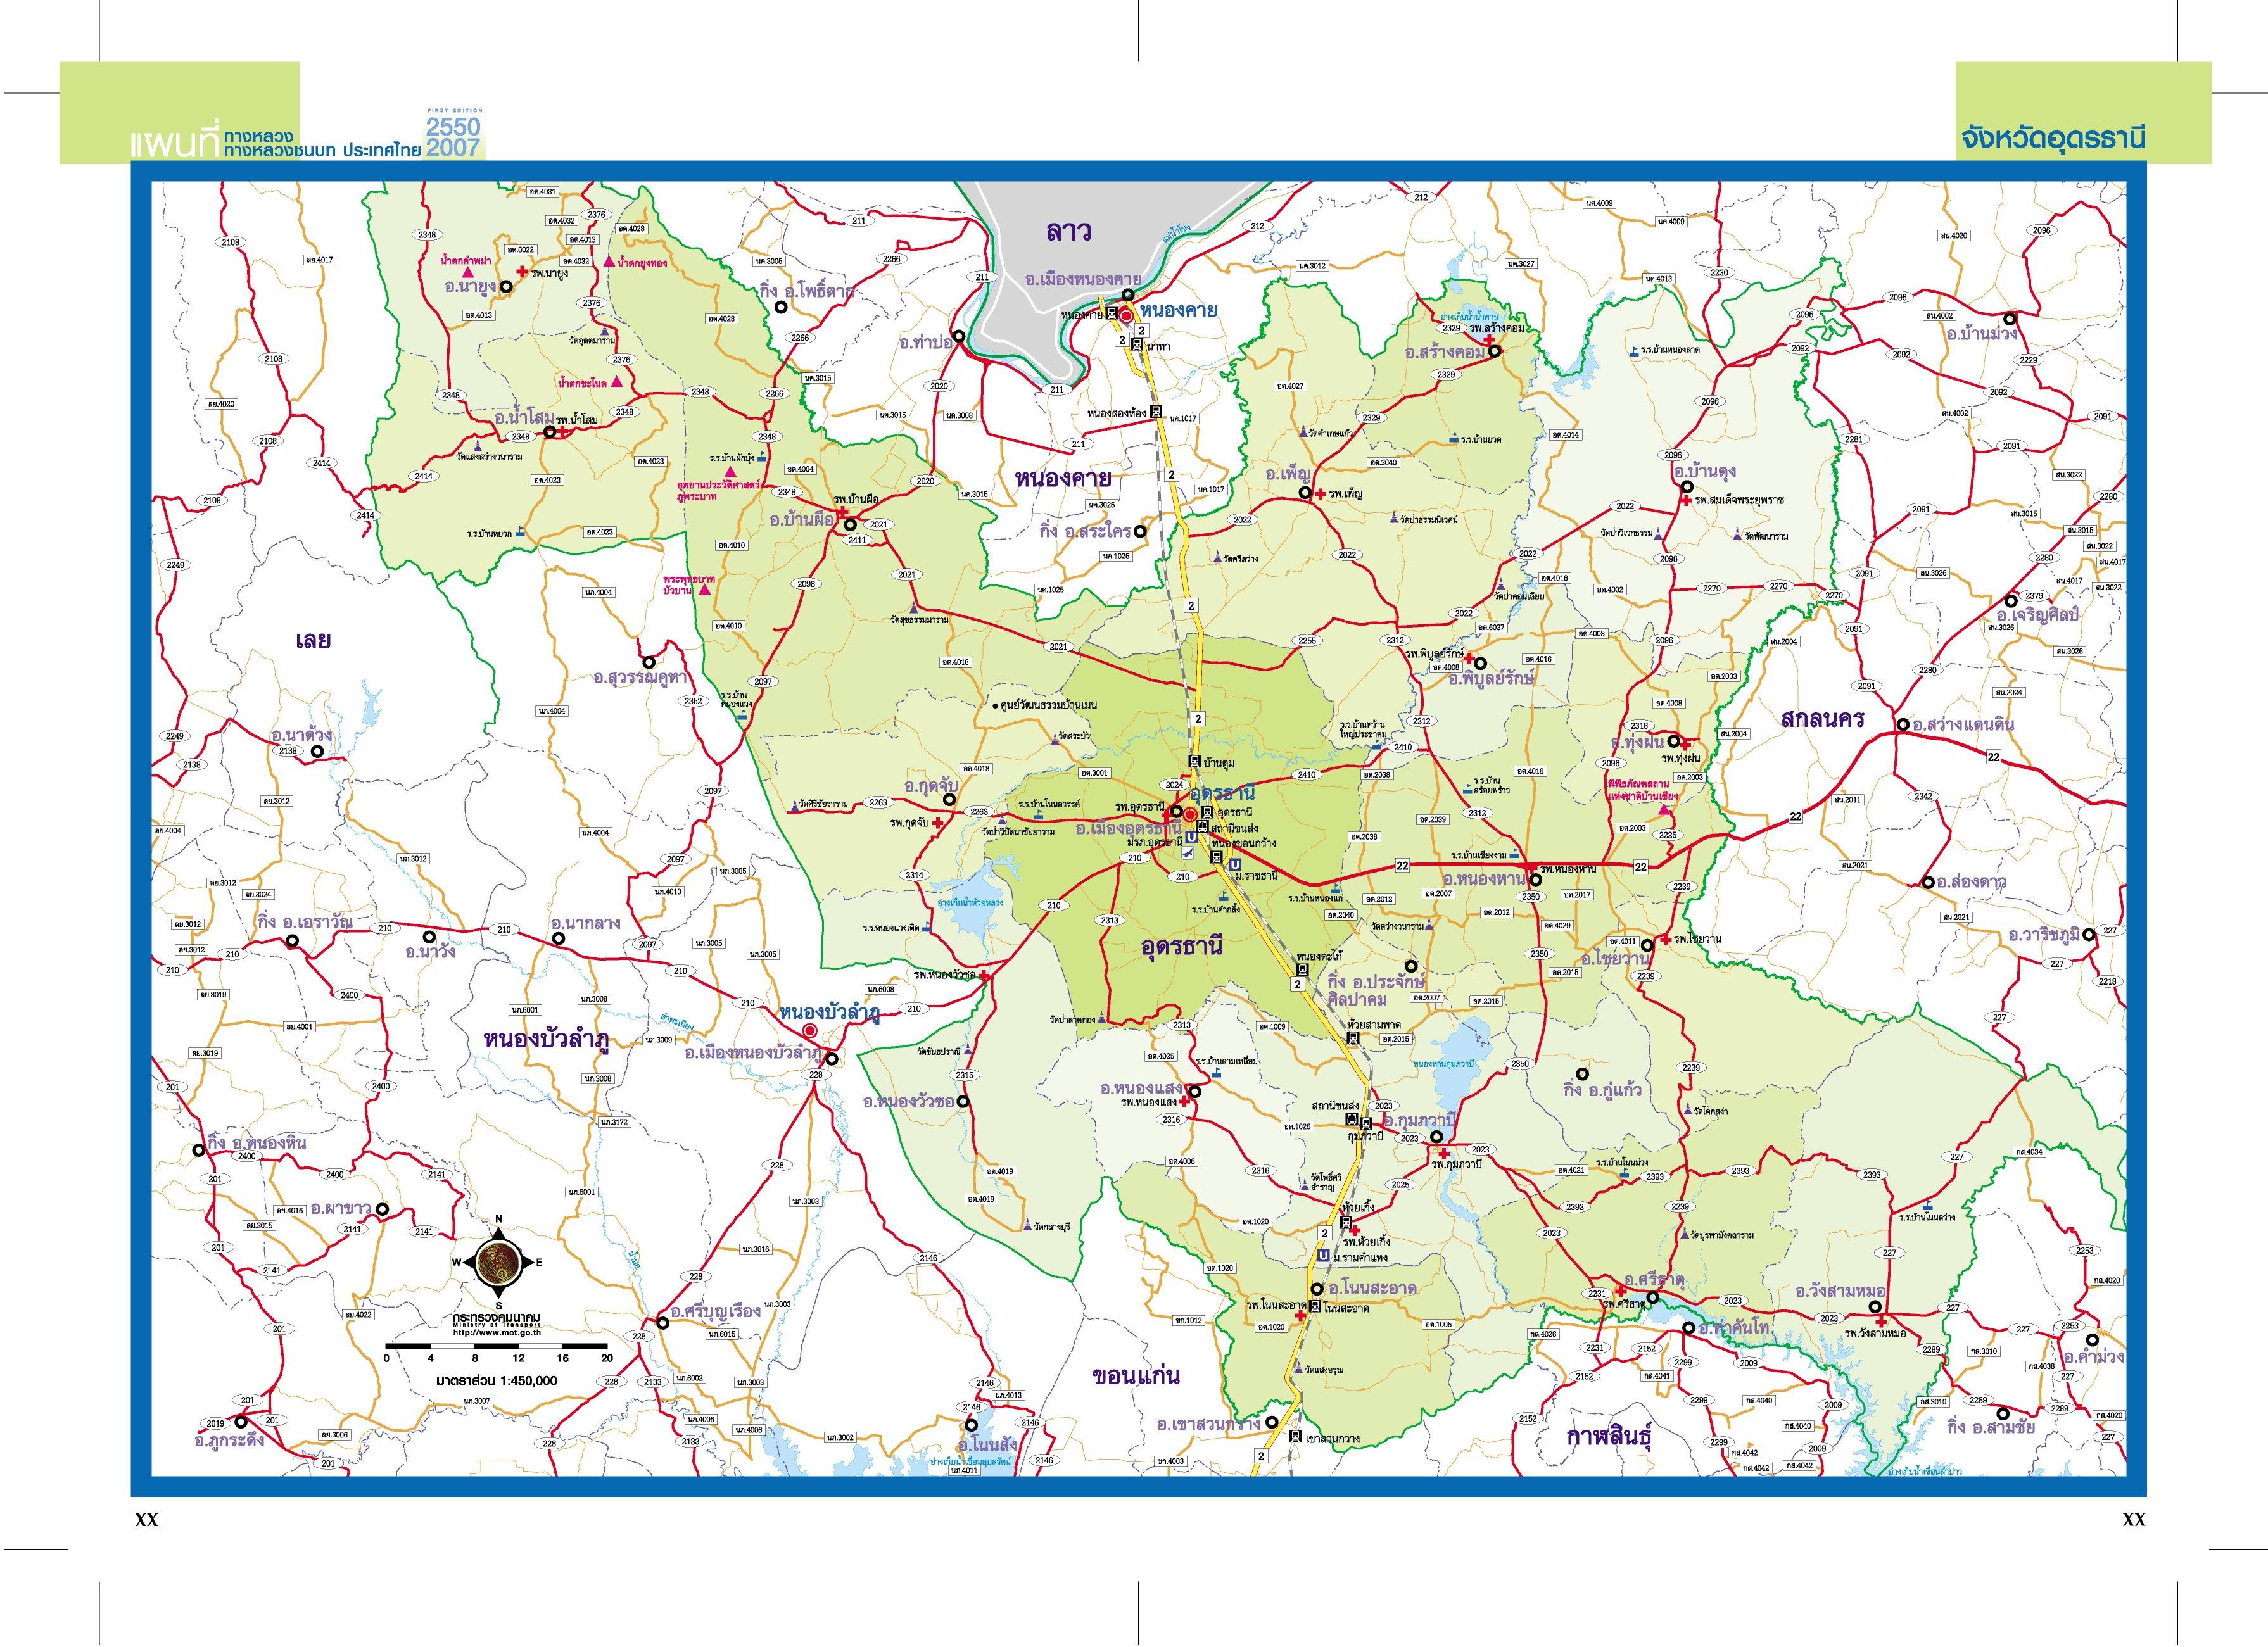 udon thani thailand map Udonthani Thailand Map Udonthani Thailand Mappery